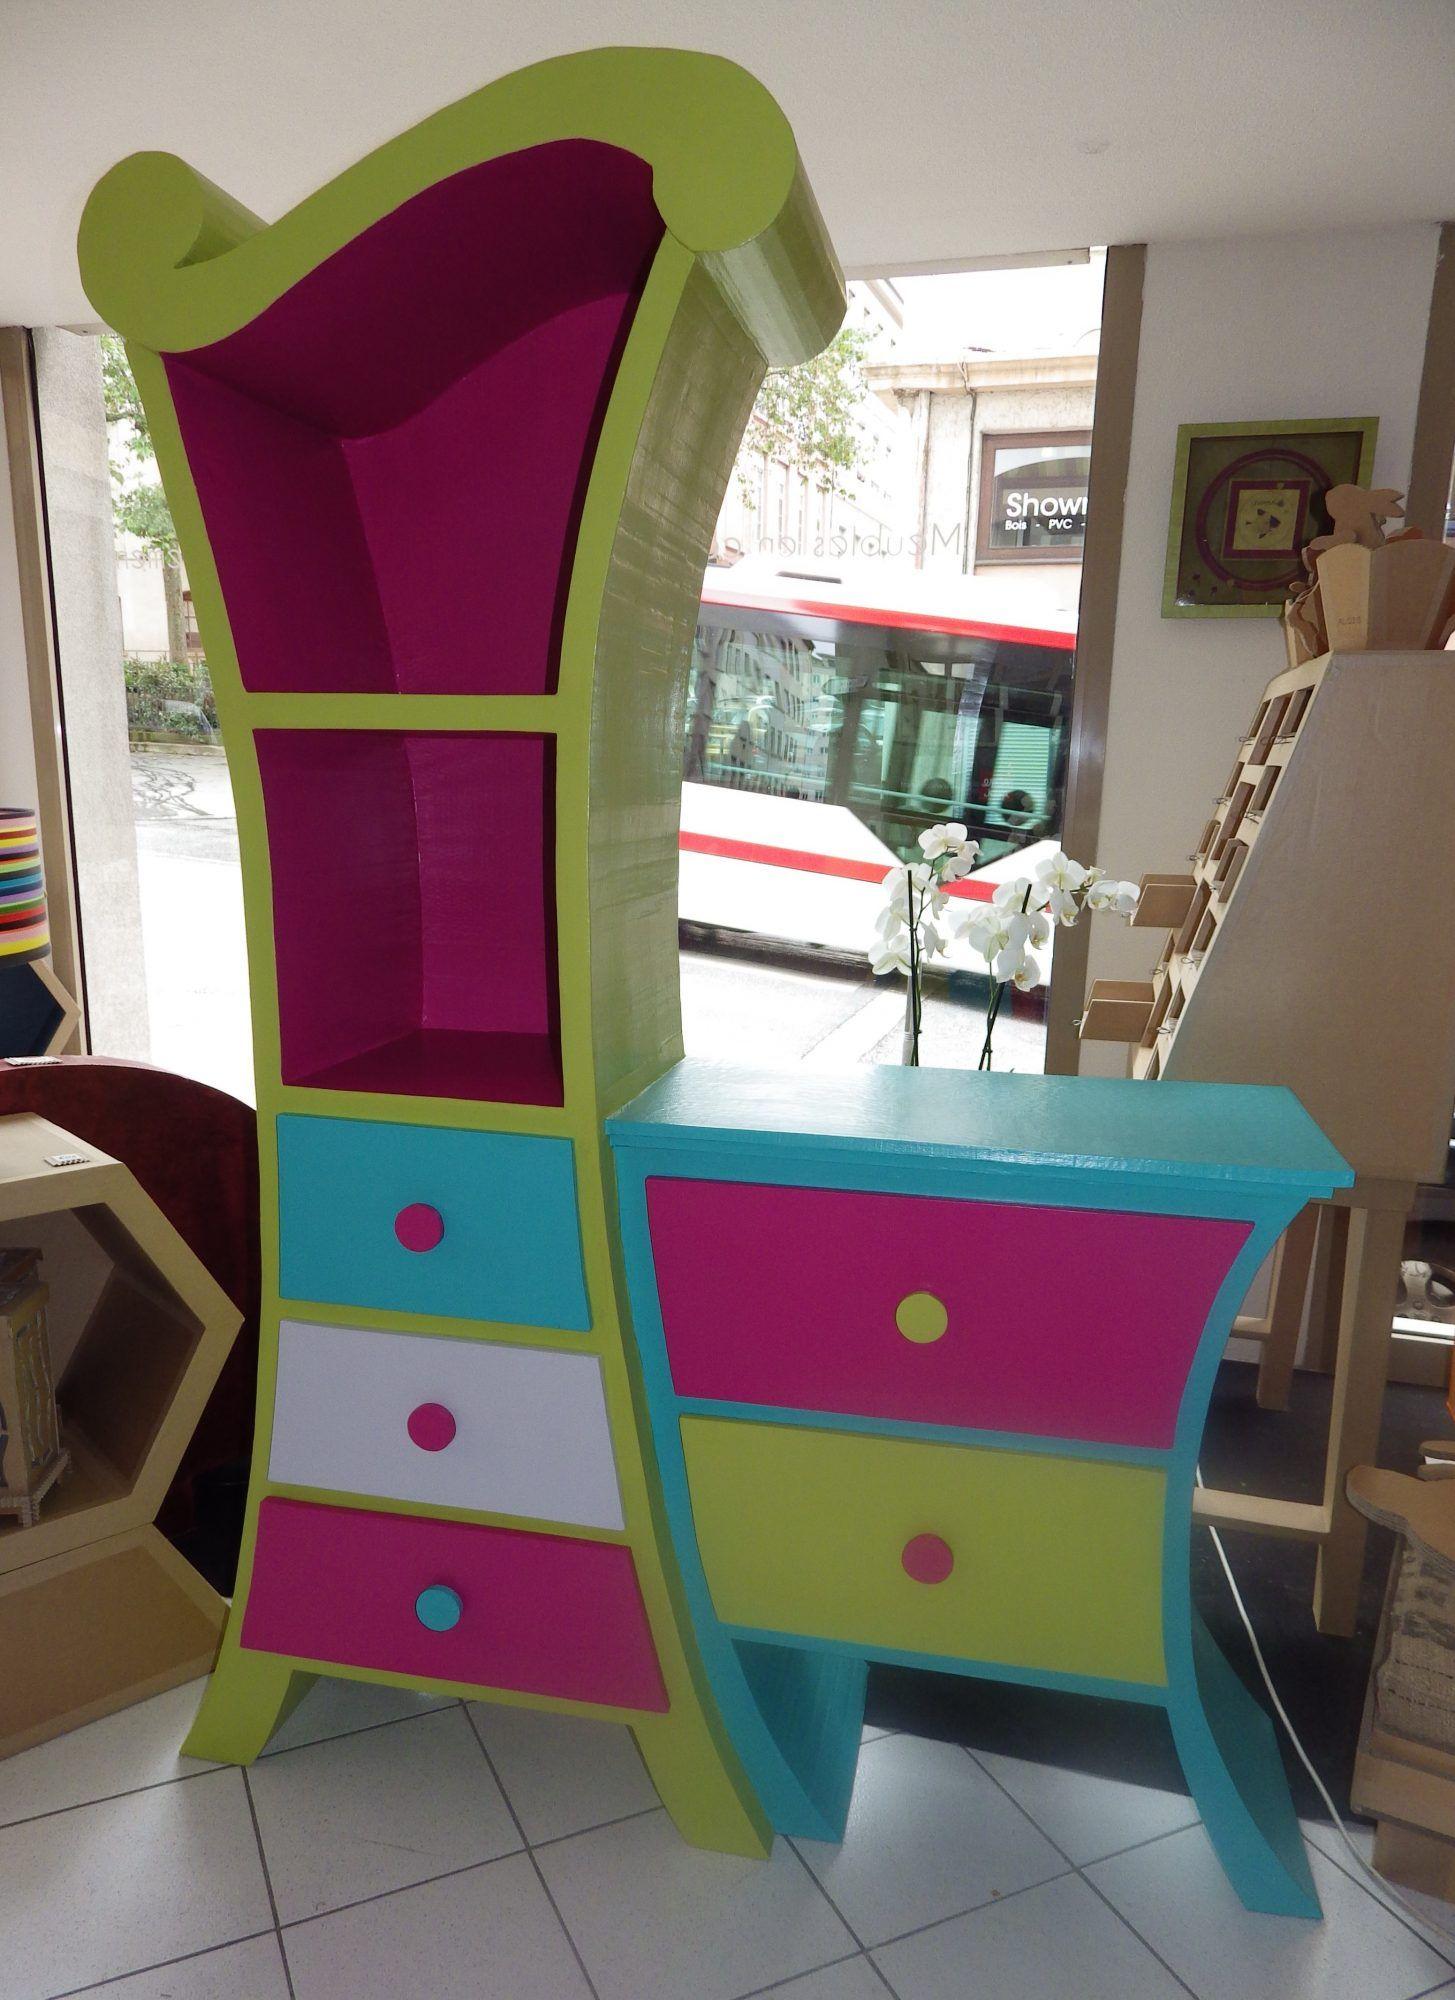 Deuxieme Meuble En Carton Alice Meuble En Carton Mobilier De Salon Meuble Deco